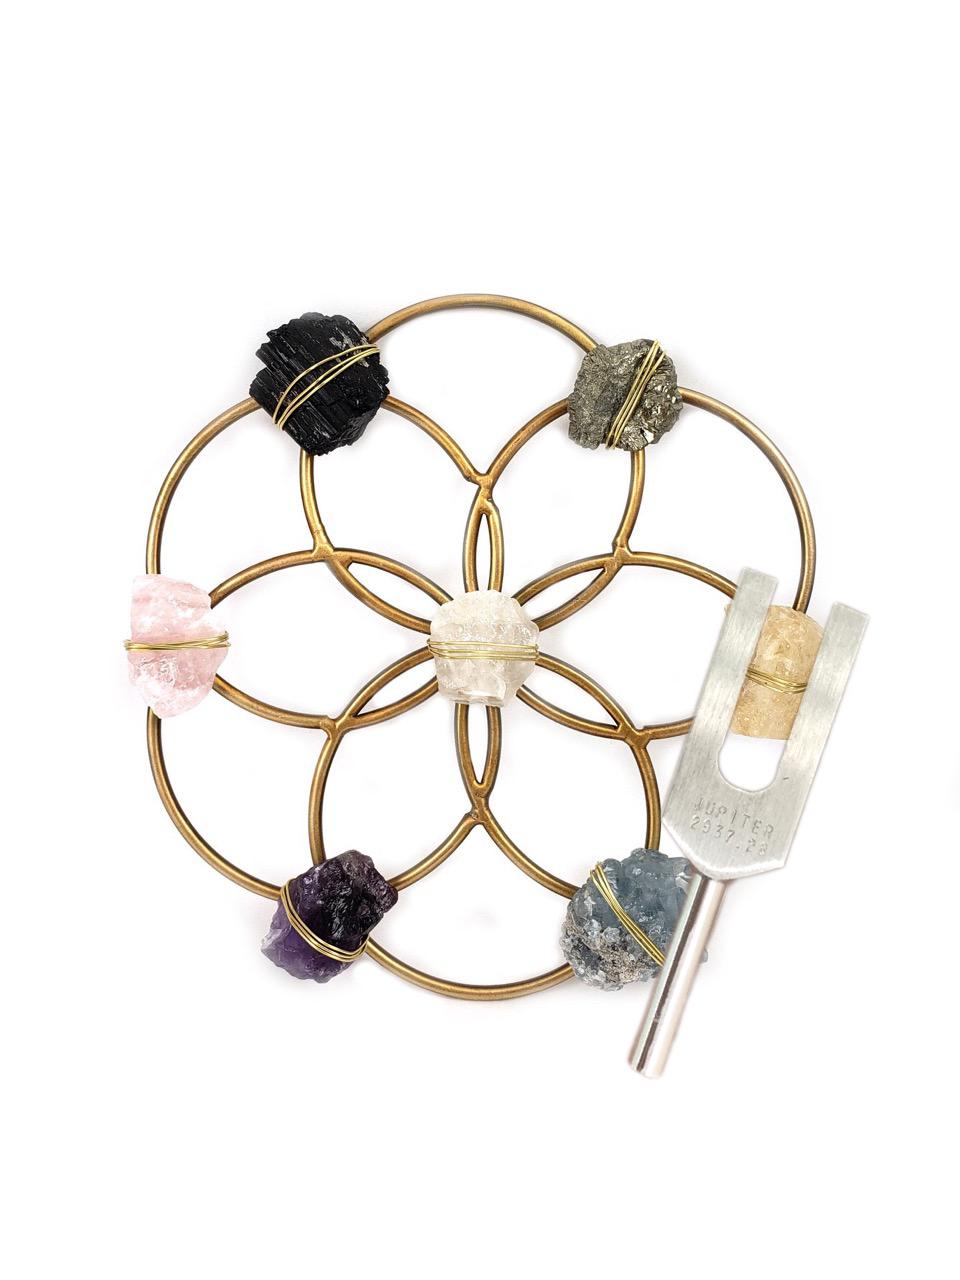 音叉付き、フラワーオブライフグリッド Tuning Fork & Multi Crystal Grid Instrument Set for Sound Healing